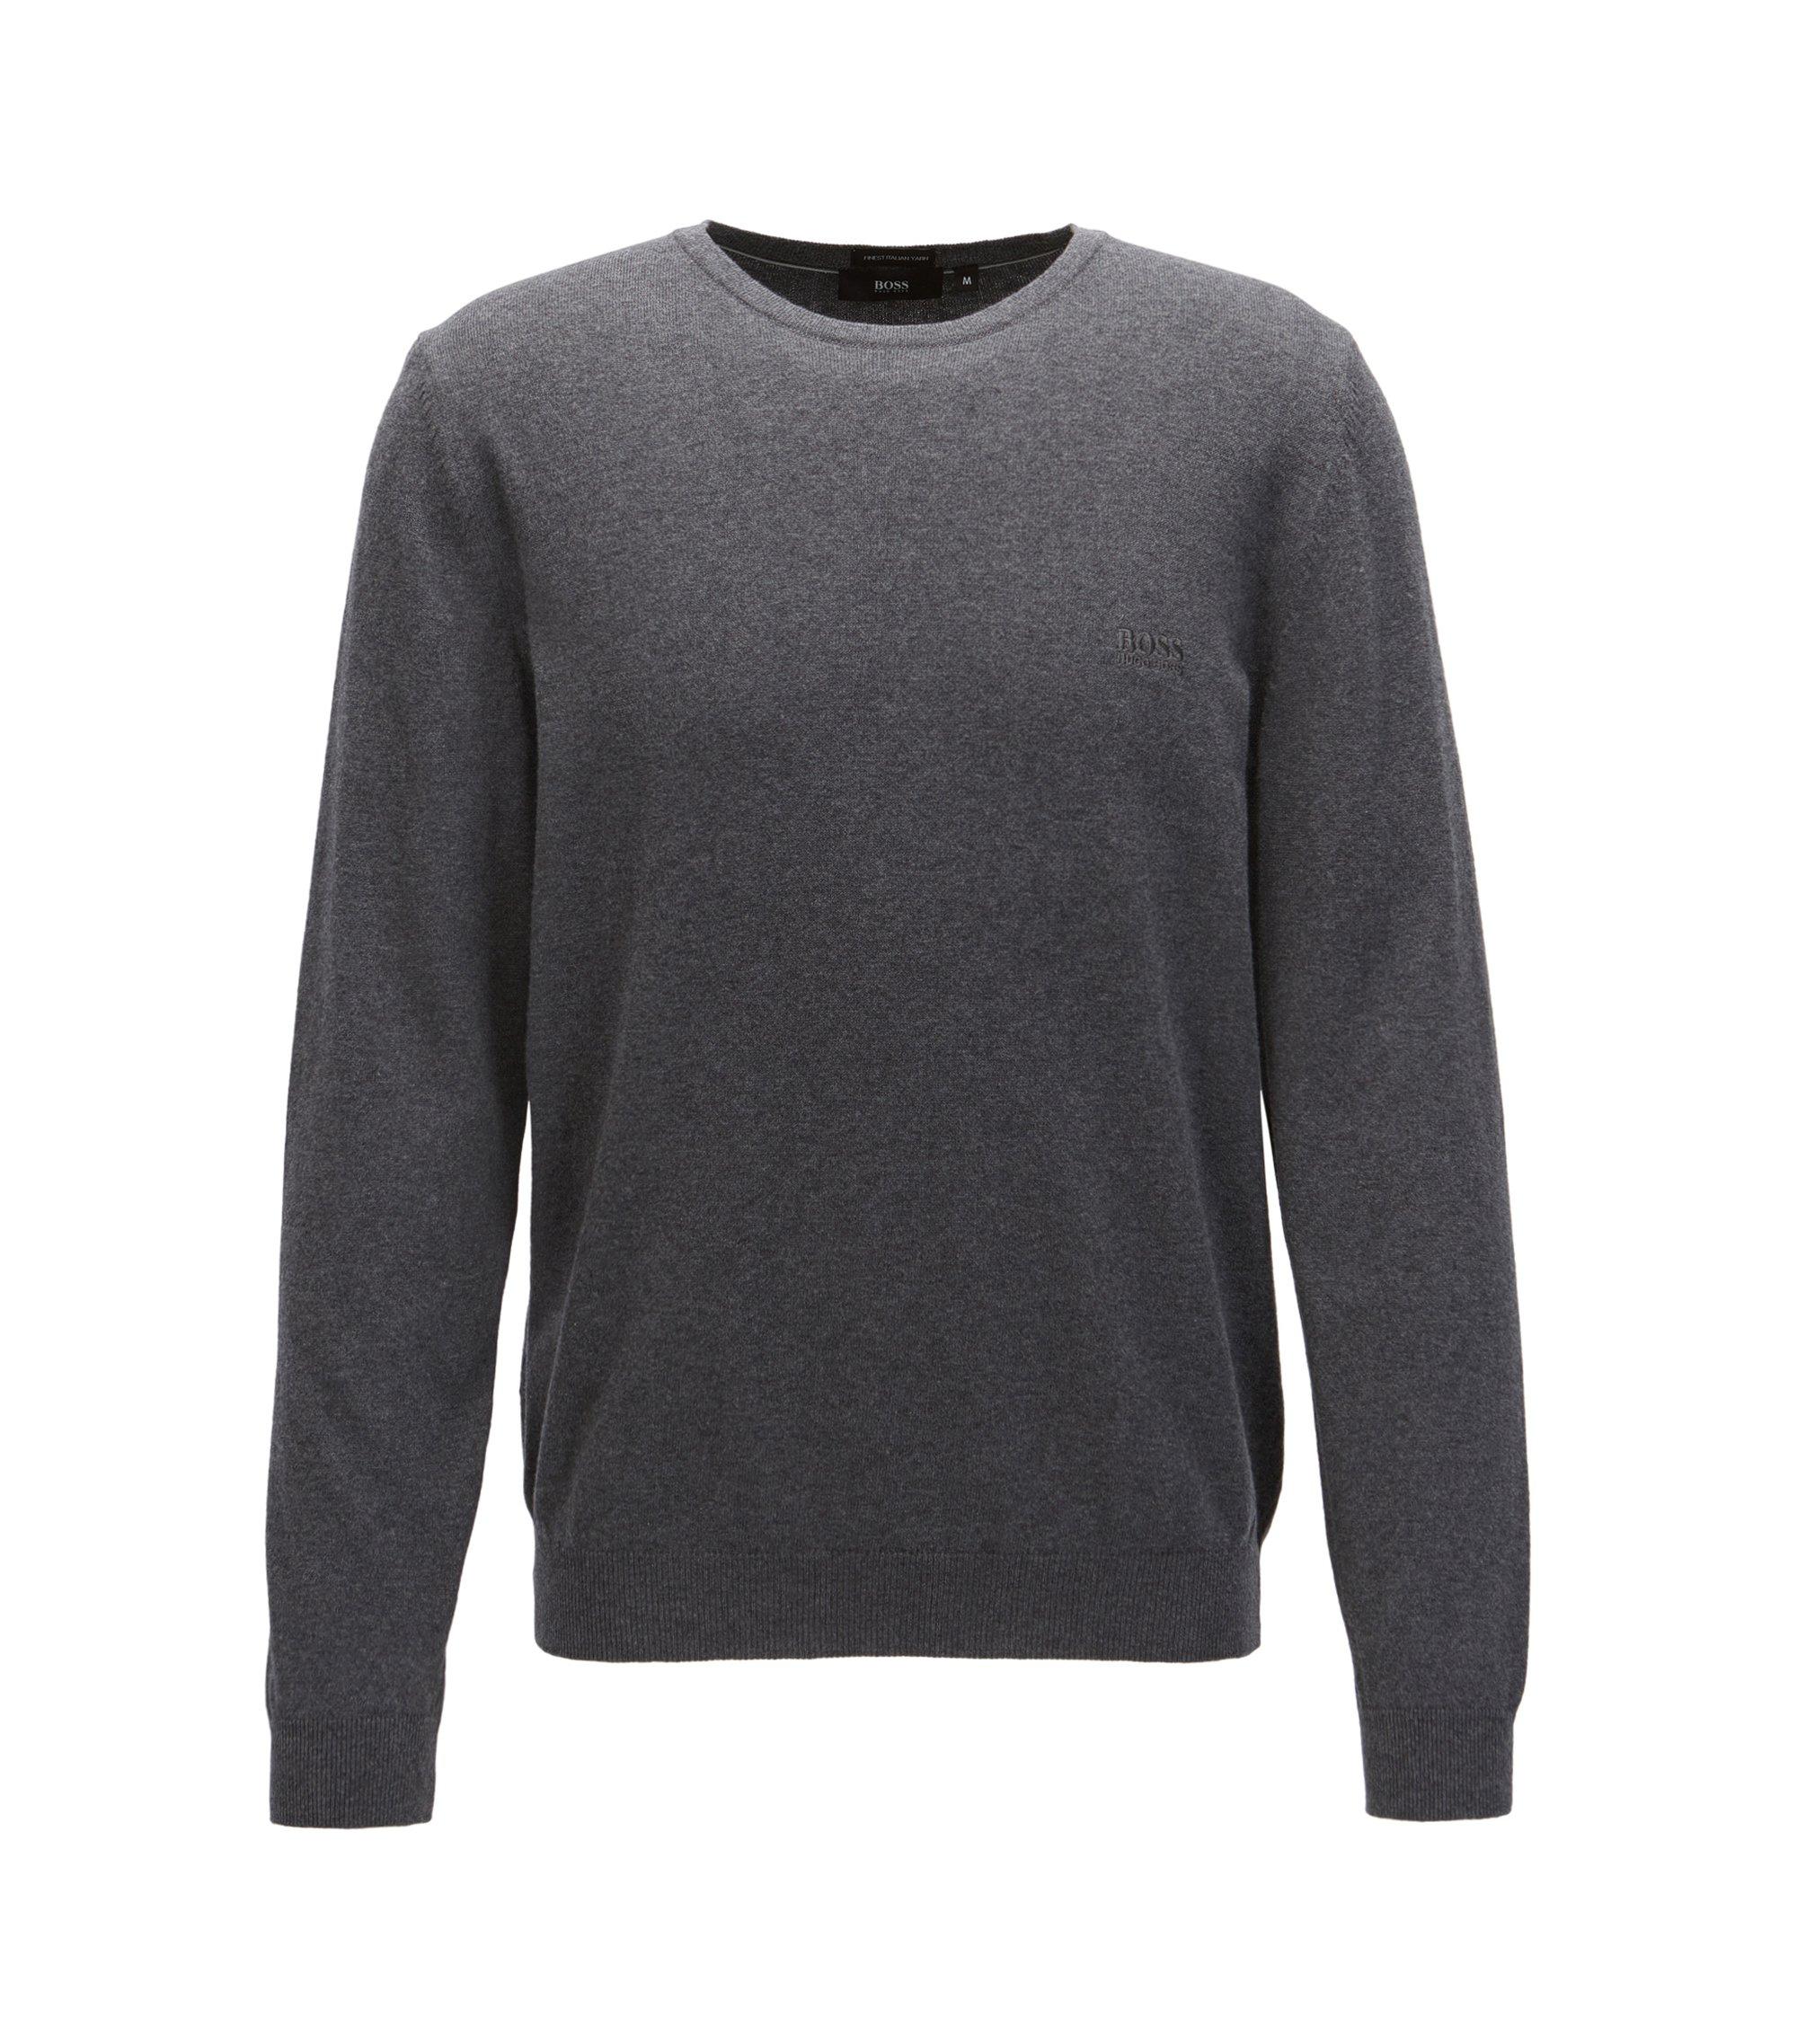 Pullover aus Baumwolle mit Rundhalsausschnitt und Logo-Stickerei, Grau